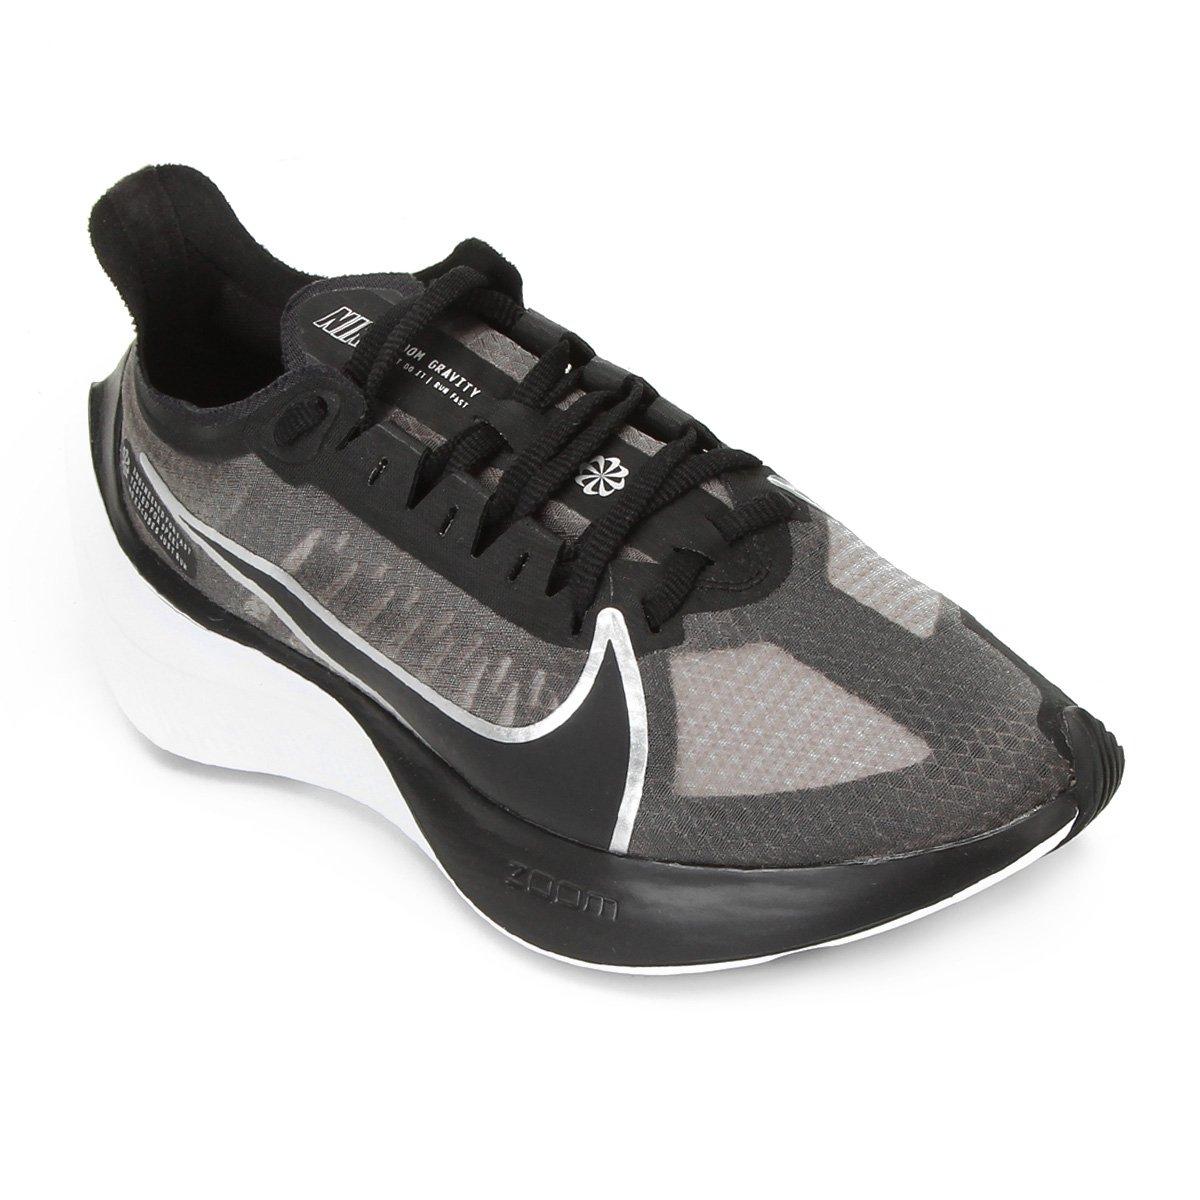 Tênis Nike Zoom Gravity Feminino - Tam: 34